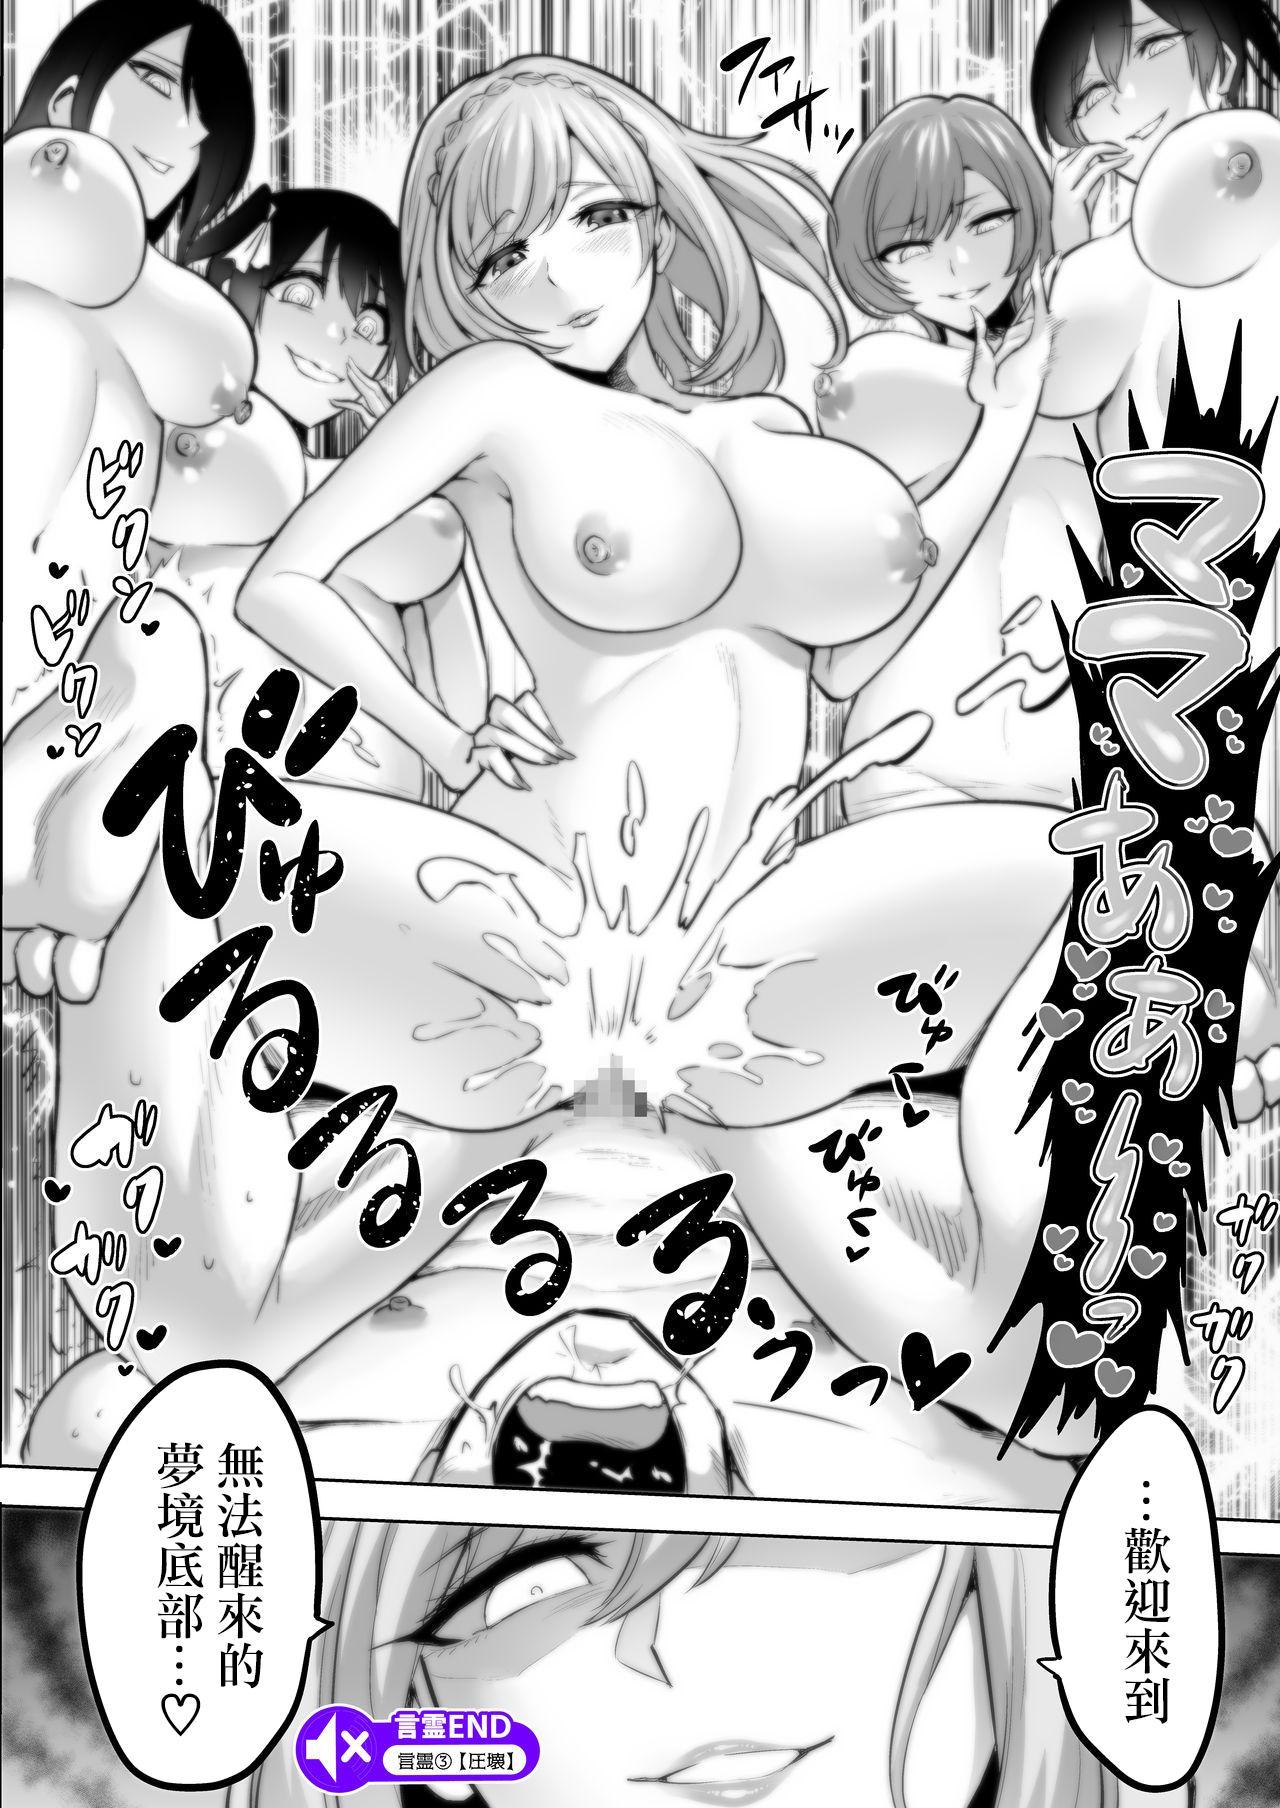 Sasayaki no Inma 31